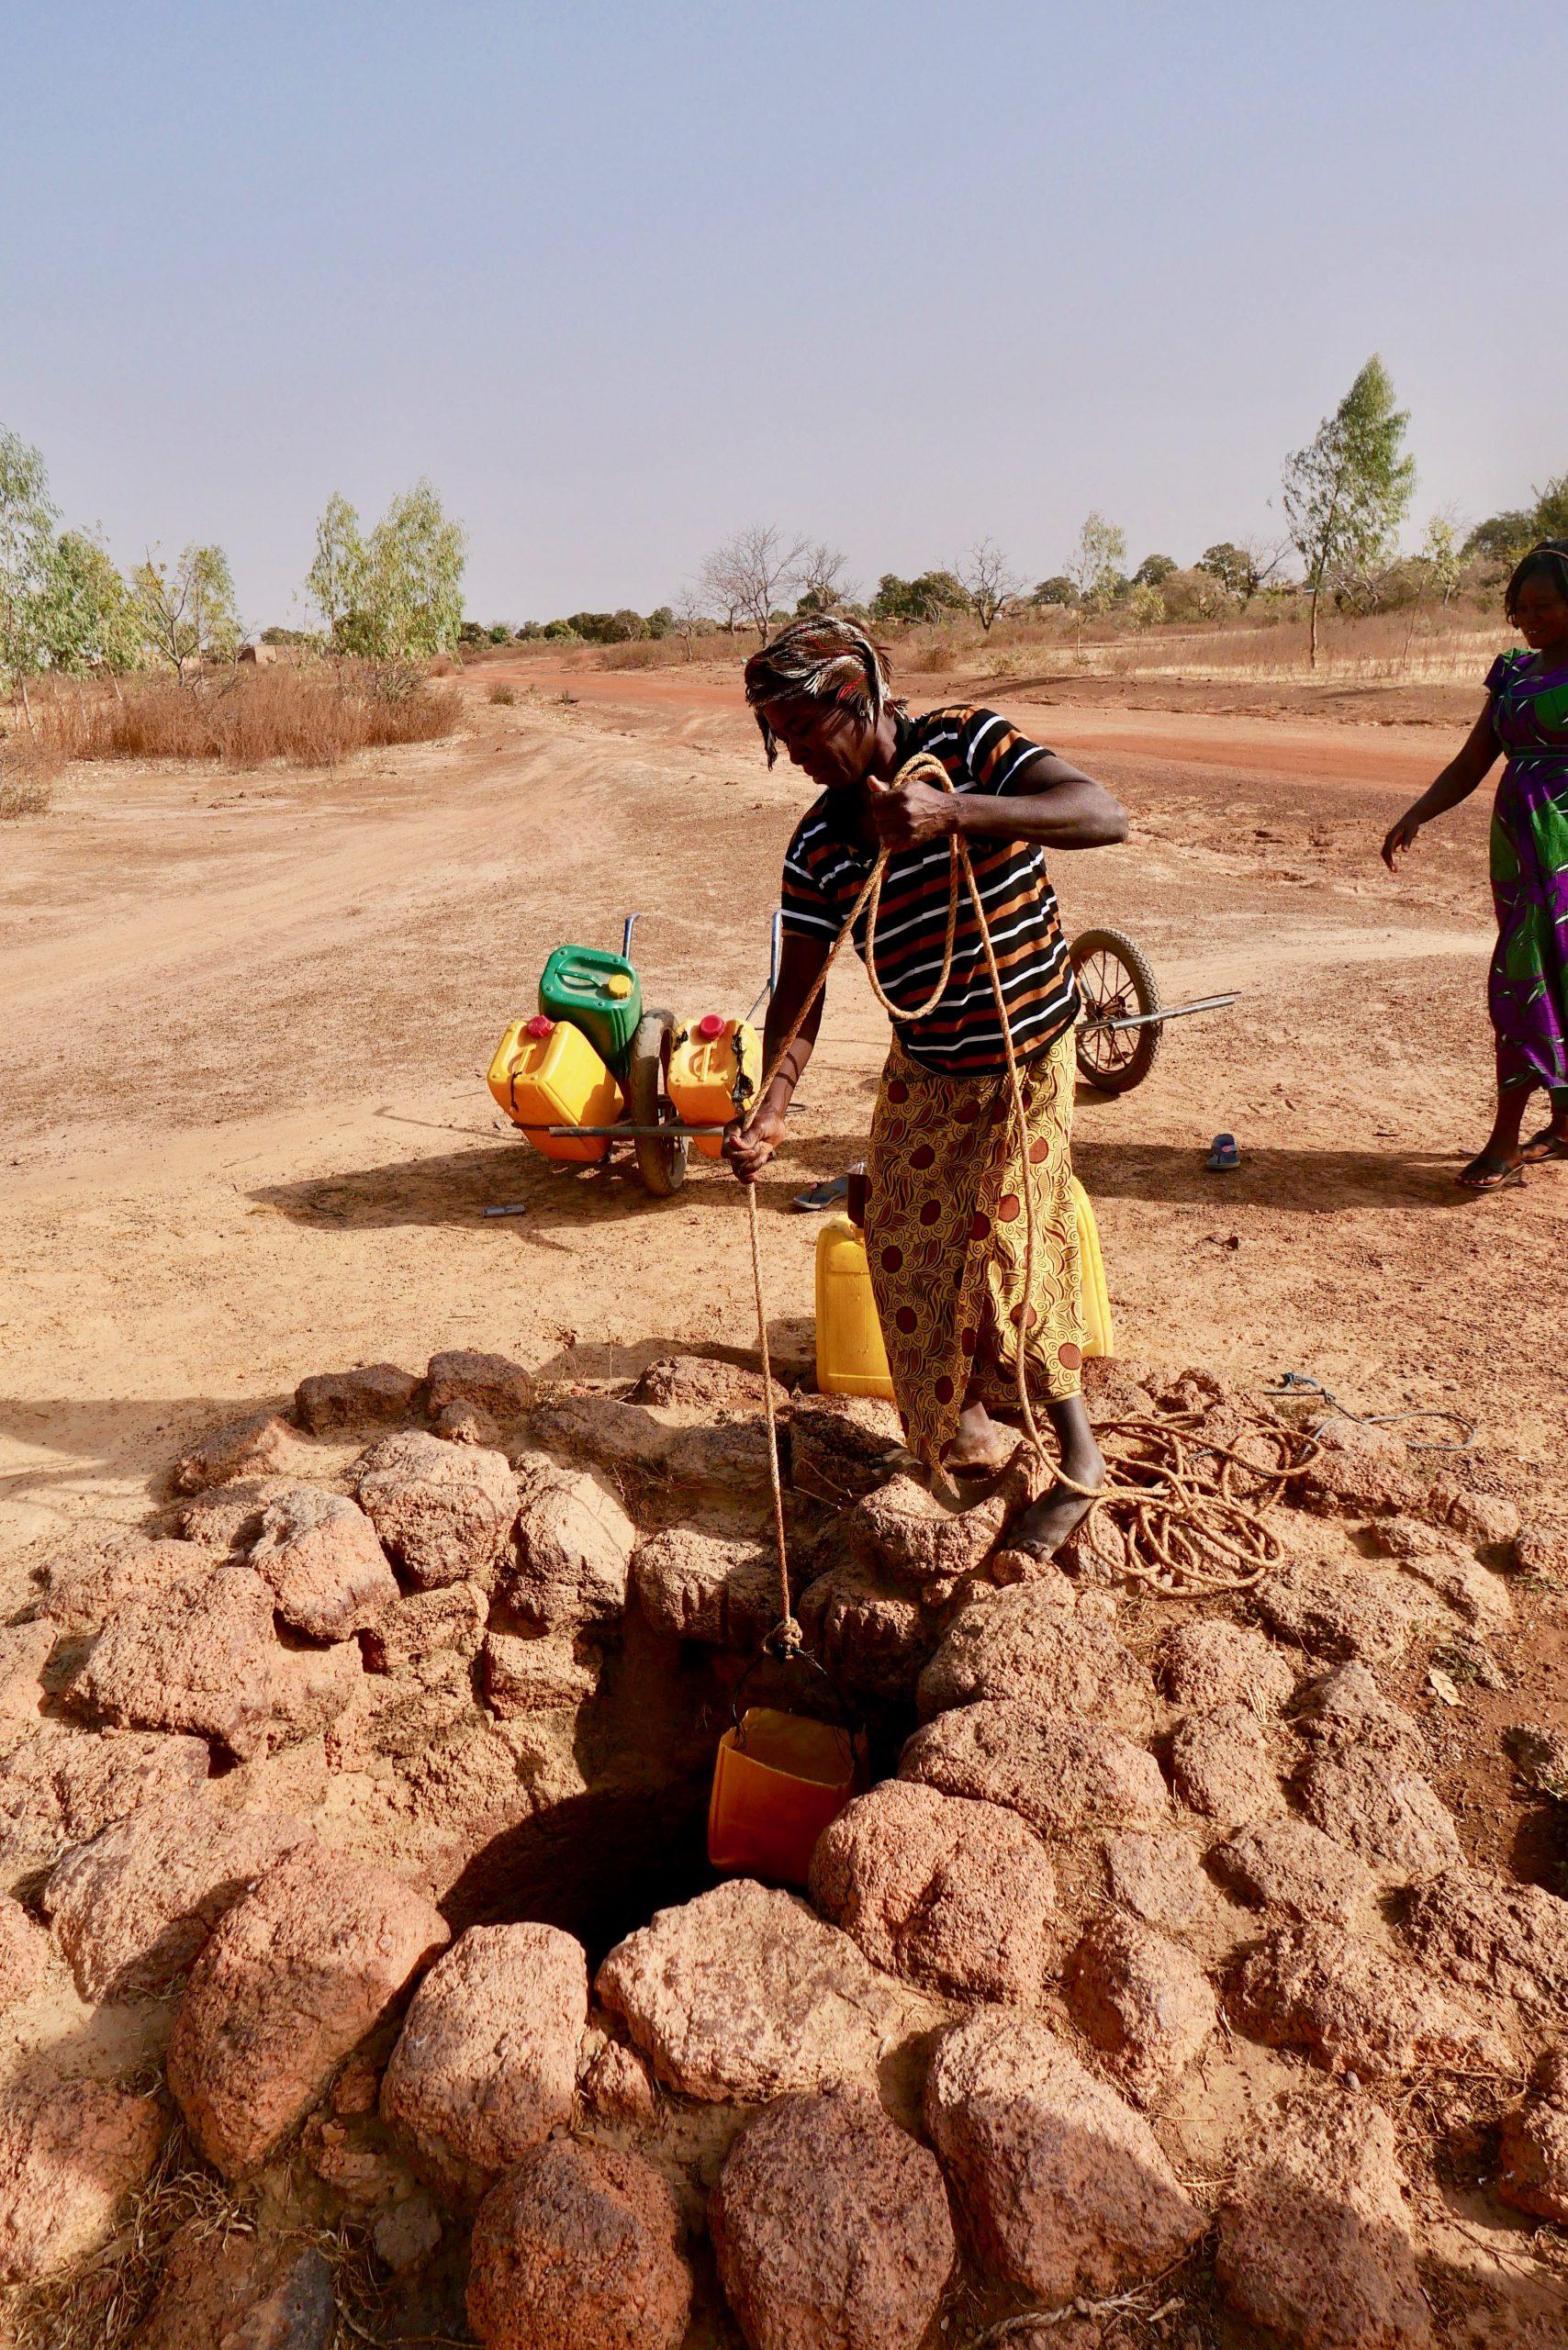 Barfuss schöpft eine Frau in ihren 60-iger Jahren Wasser für ihre Familie aus einem Brunnen